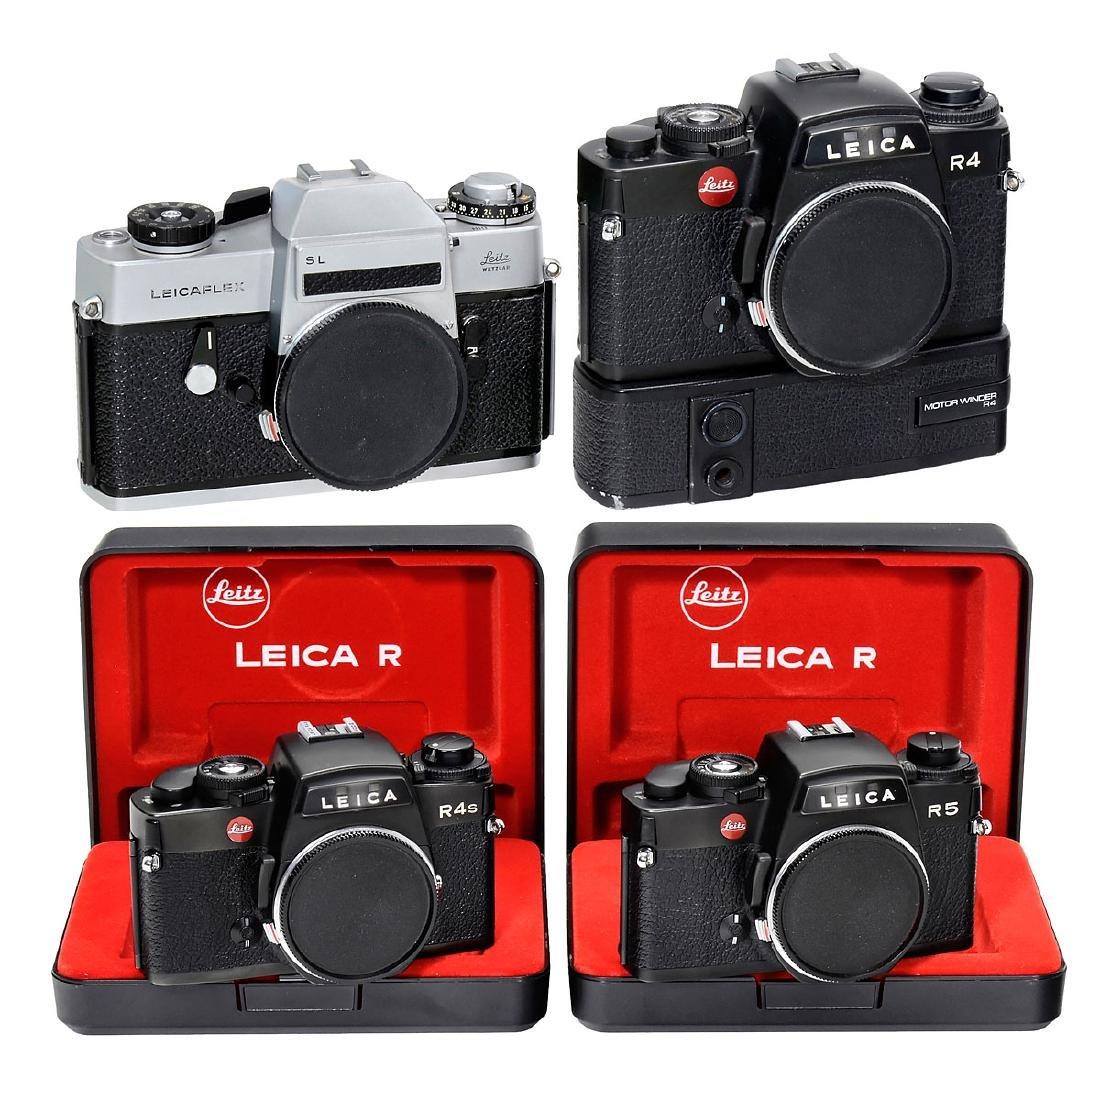 Leicaflex SL, Leica R4, R4S and R5